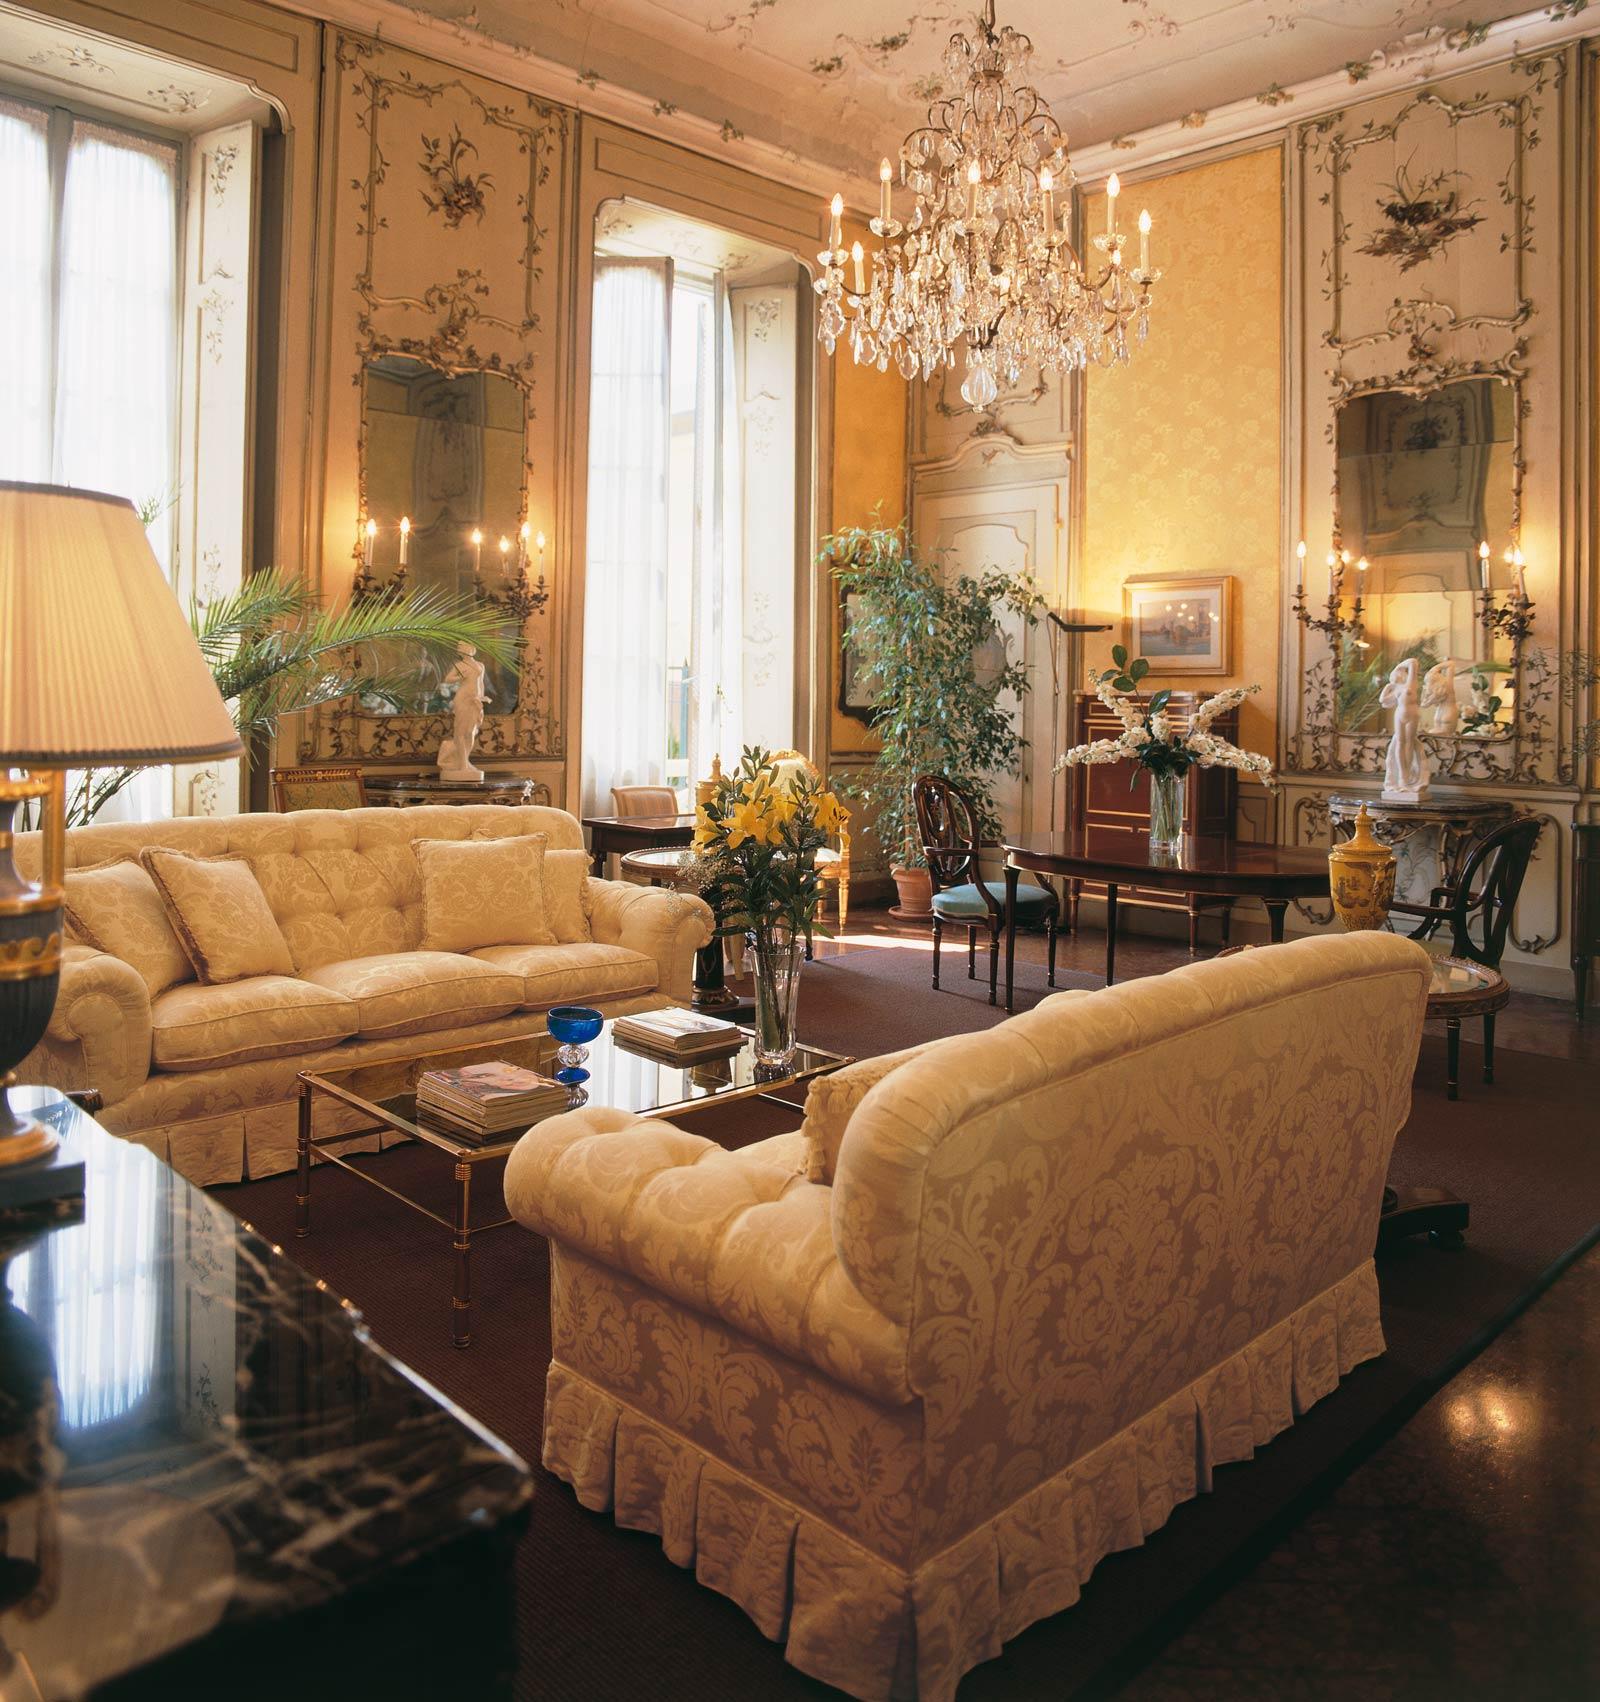 Divani classici tante idee per arredare il tuo salotto in for Arredamenti case bellissime